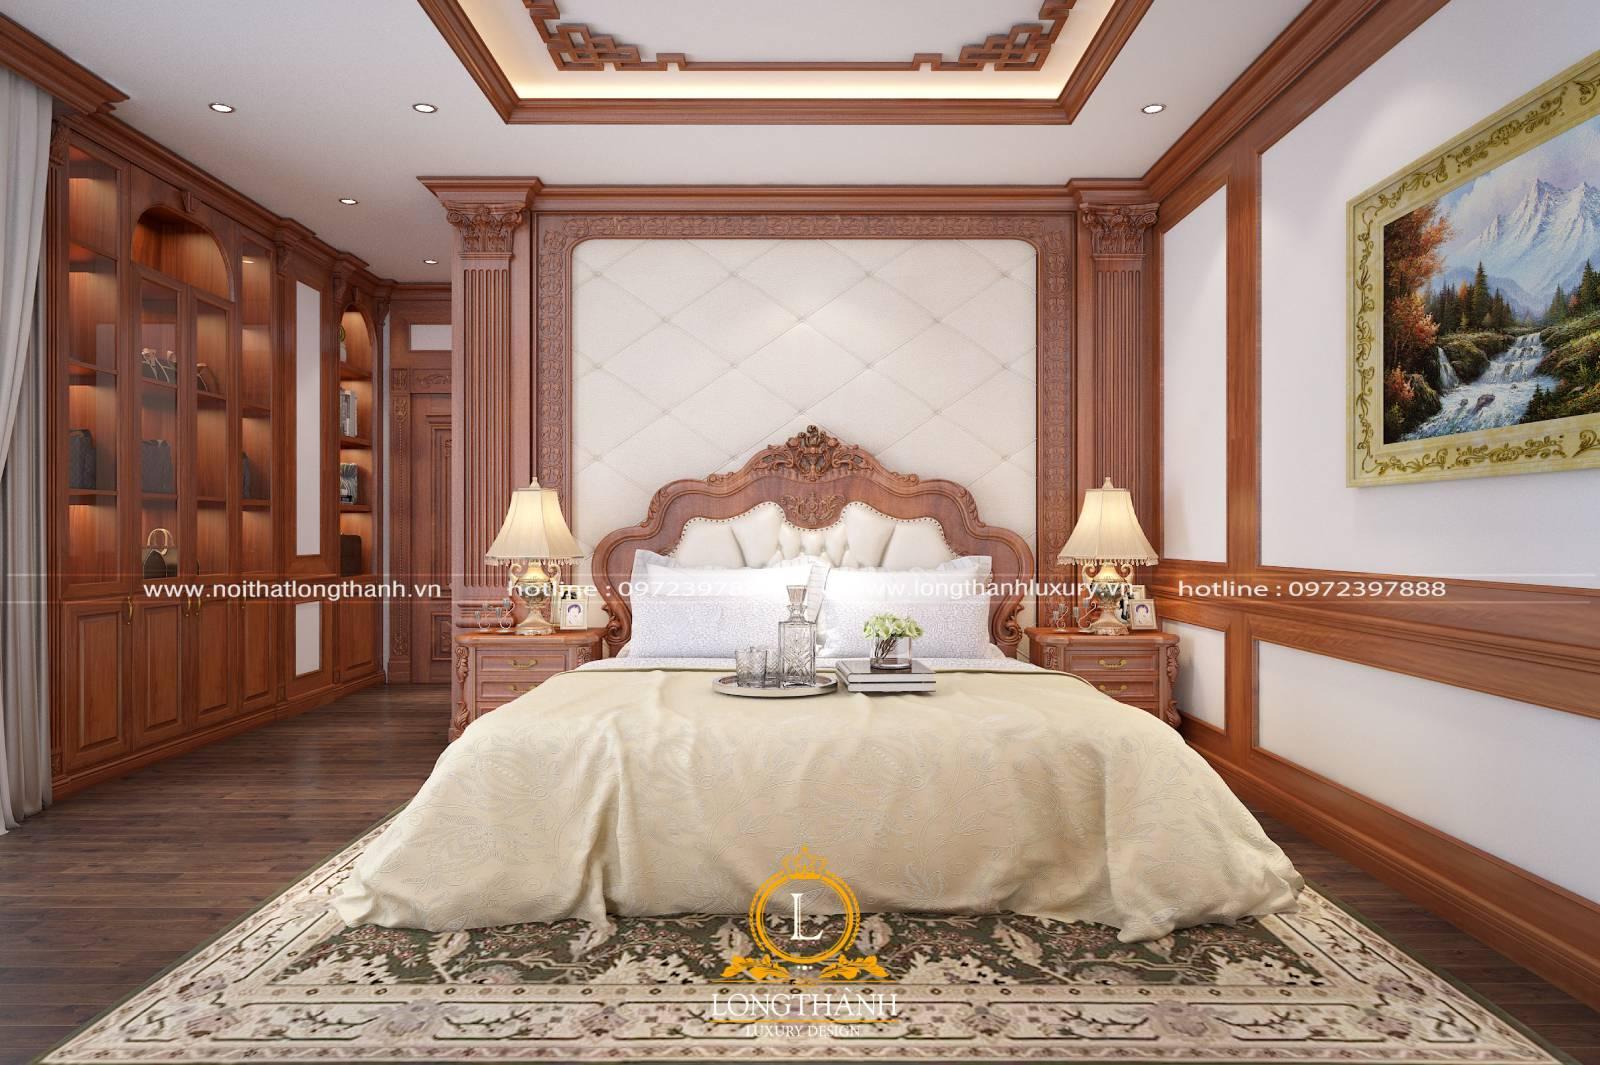 Đèn phòng ngủ tân cổ điển dùng để trang trí tạo điểm nhấn cho căn phòng